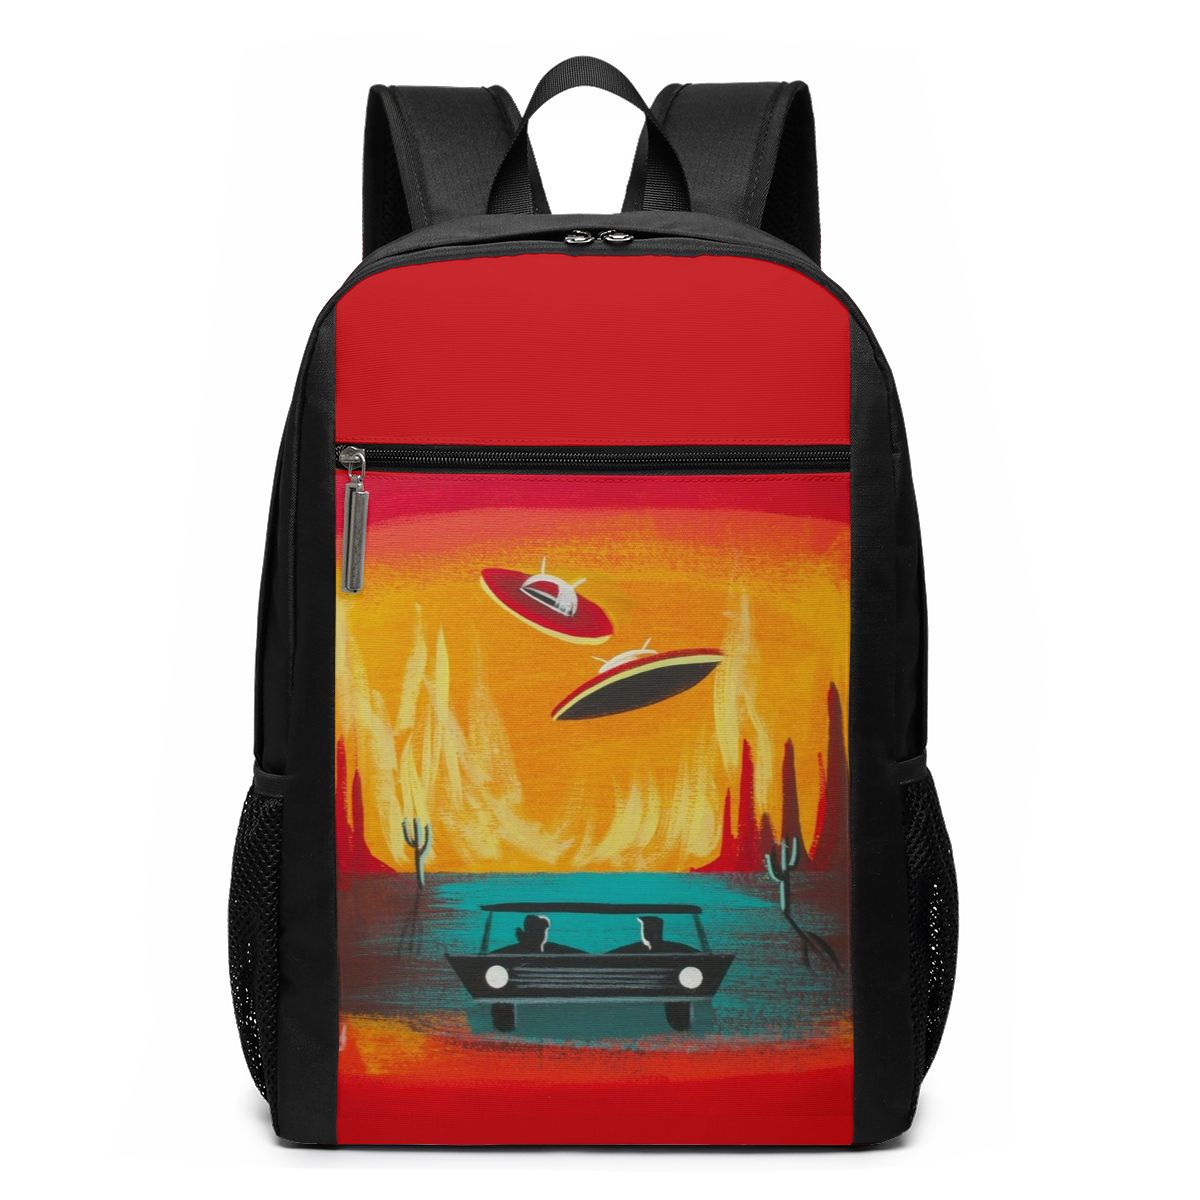 حقيبة ظهر Alien ، حقيبة مدرسية للرجال والنساء ، متعددة الوظائف ، عصرية وعالية الجودة